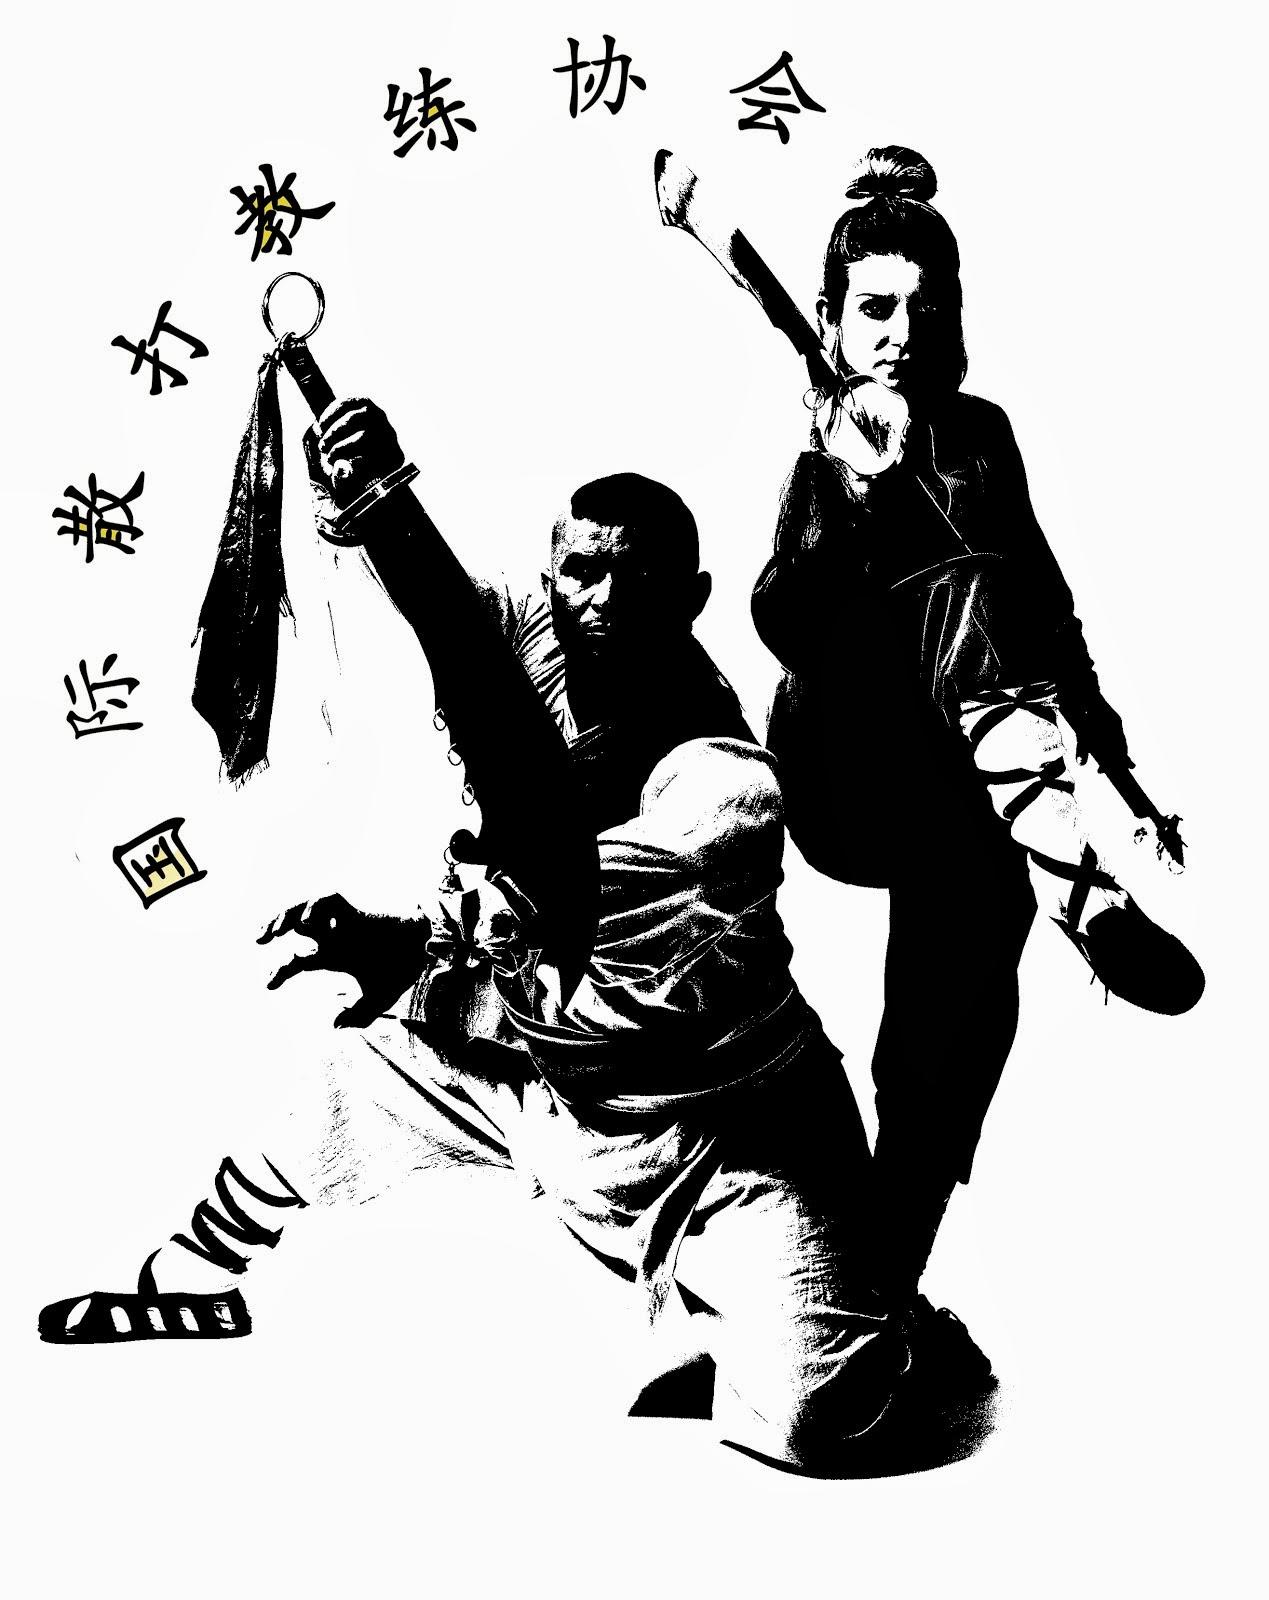 GrandMaster - Shaolin Kung Fu